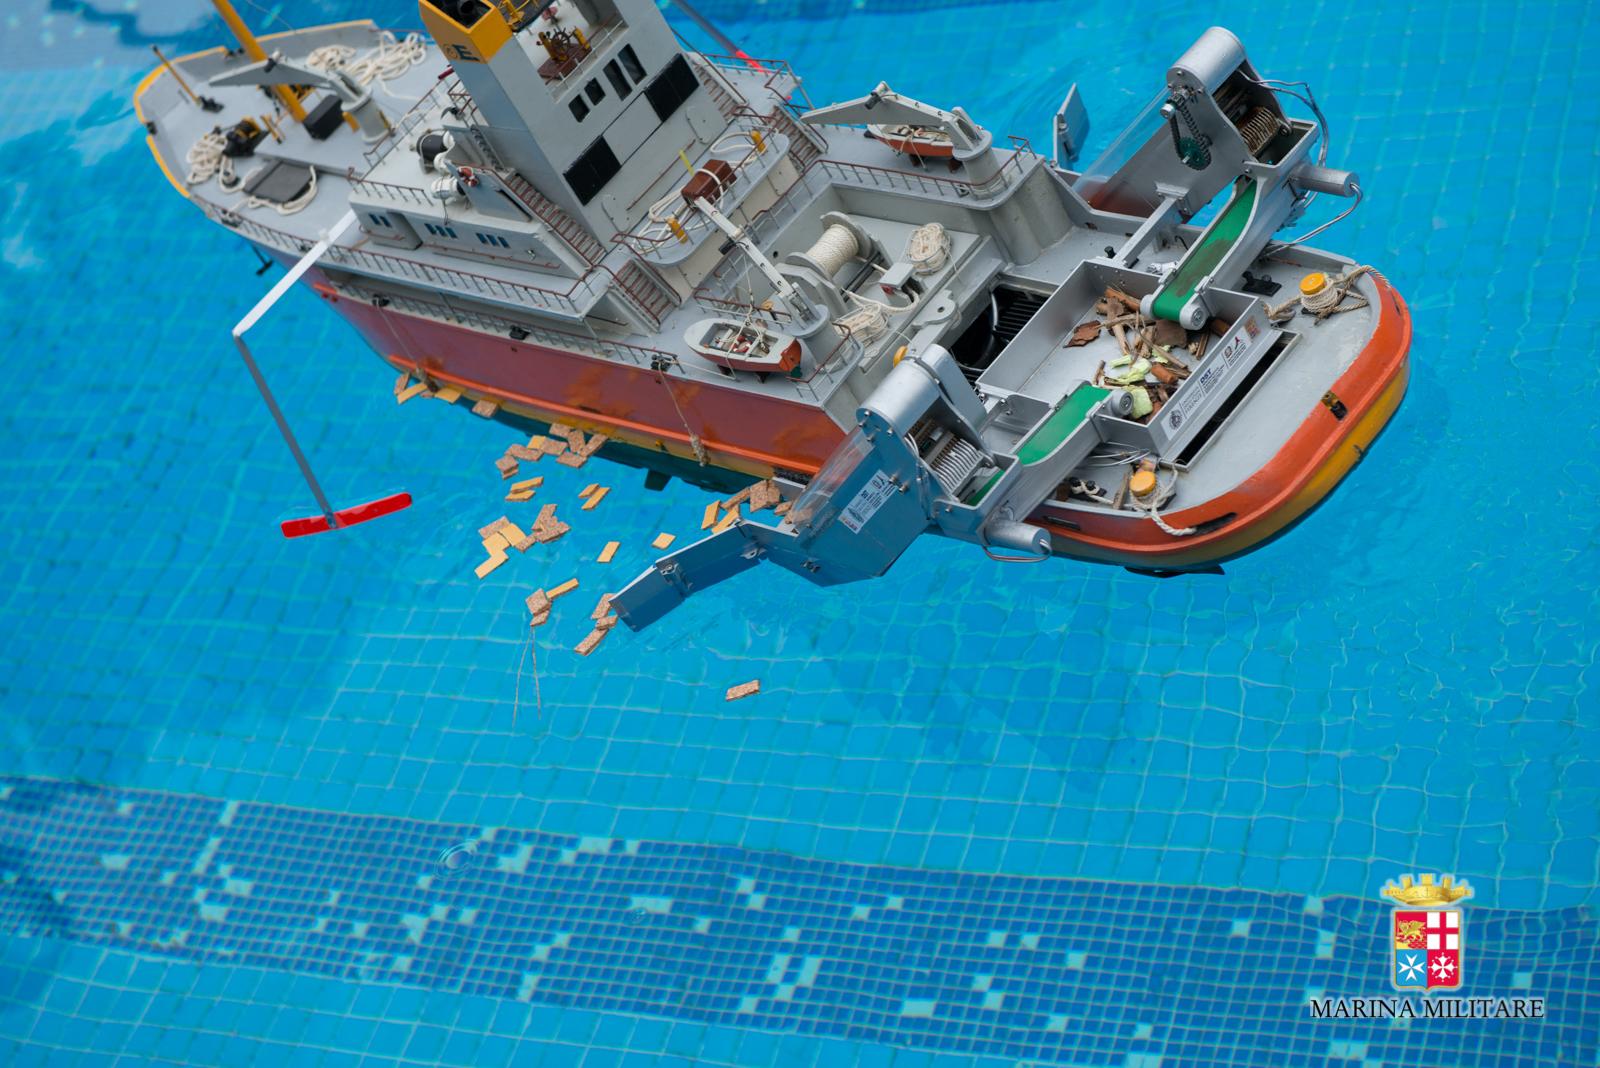 Nasce SAURO, il nuovo dispositivo anti-inquinamento in mare studiato da Marina Militare e Protezione Civile